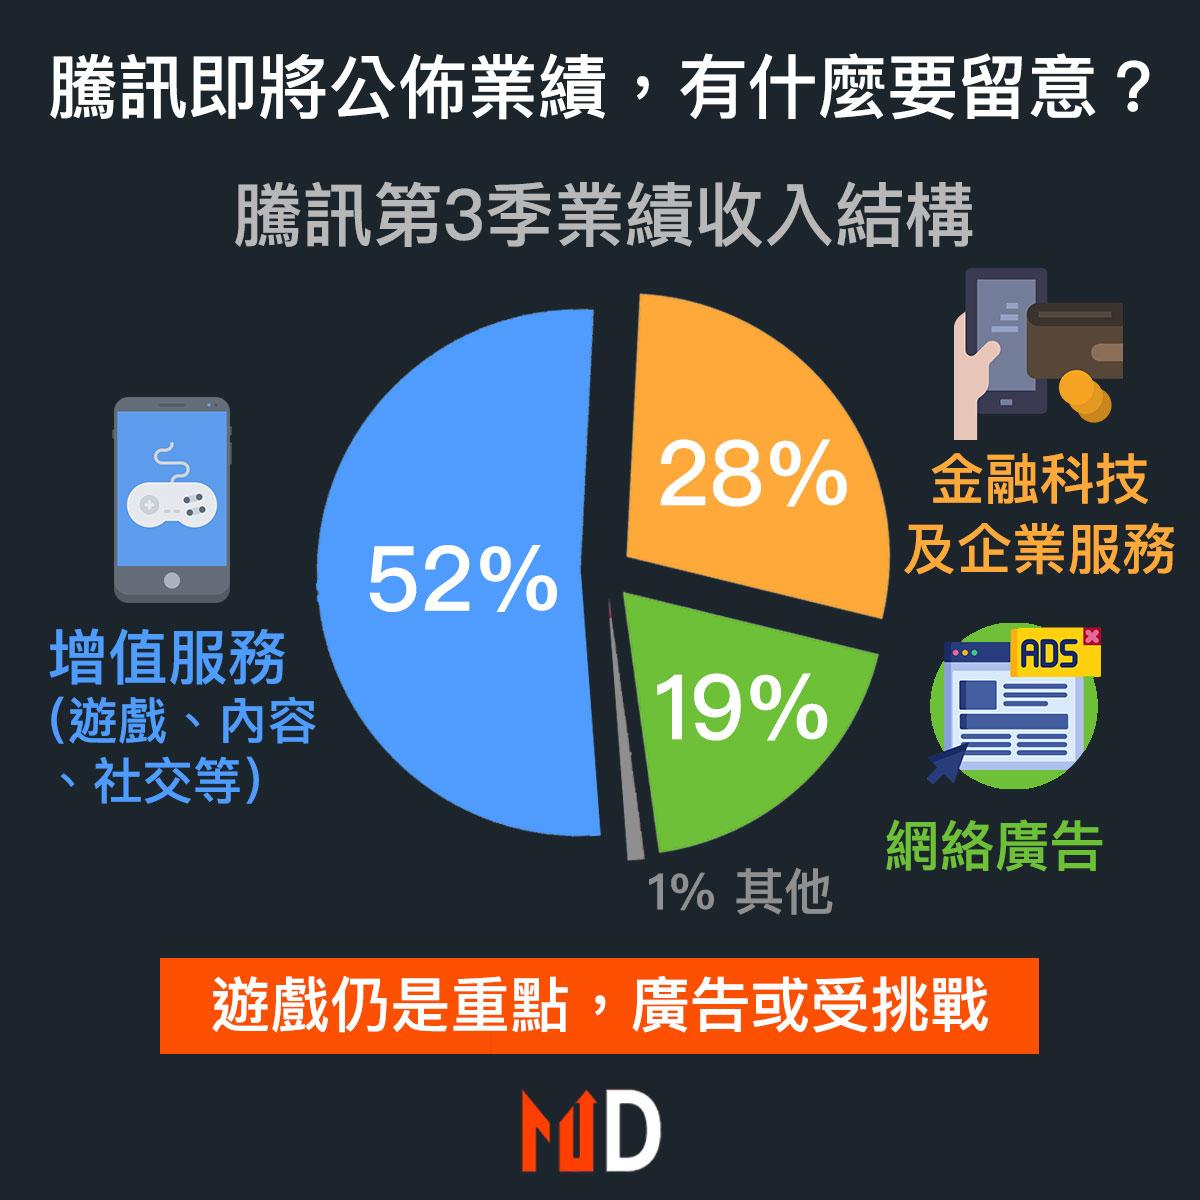 【市場分析】騰訊全年業績會有什麼亮點?